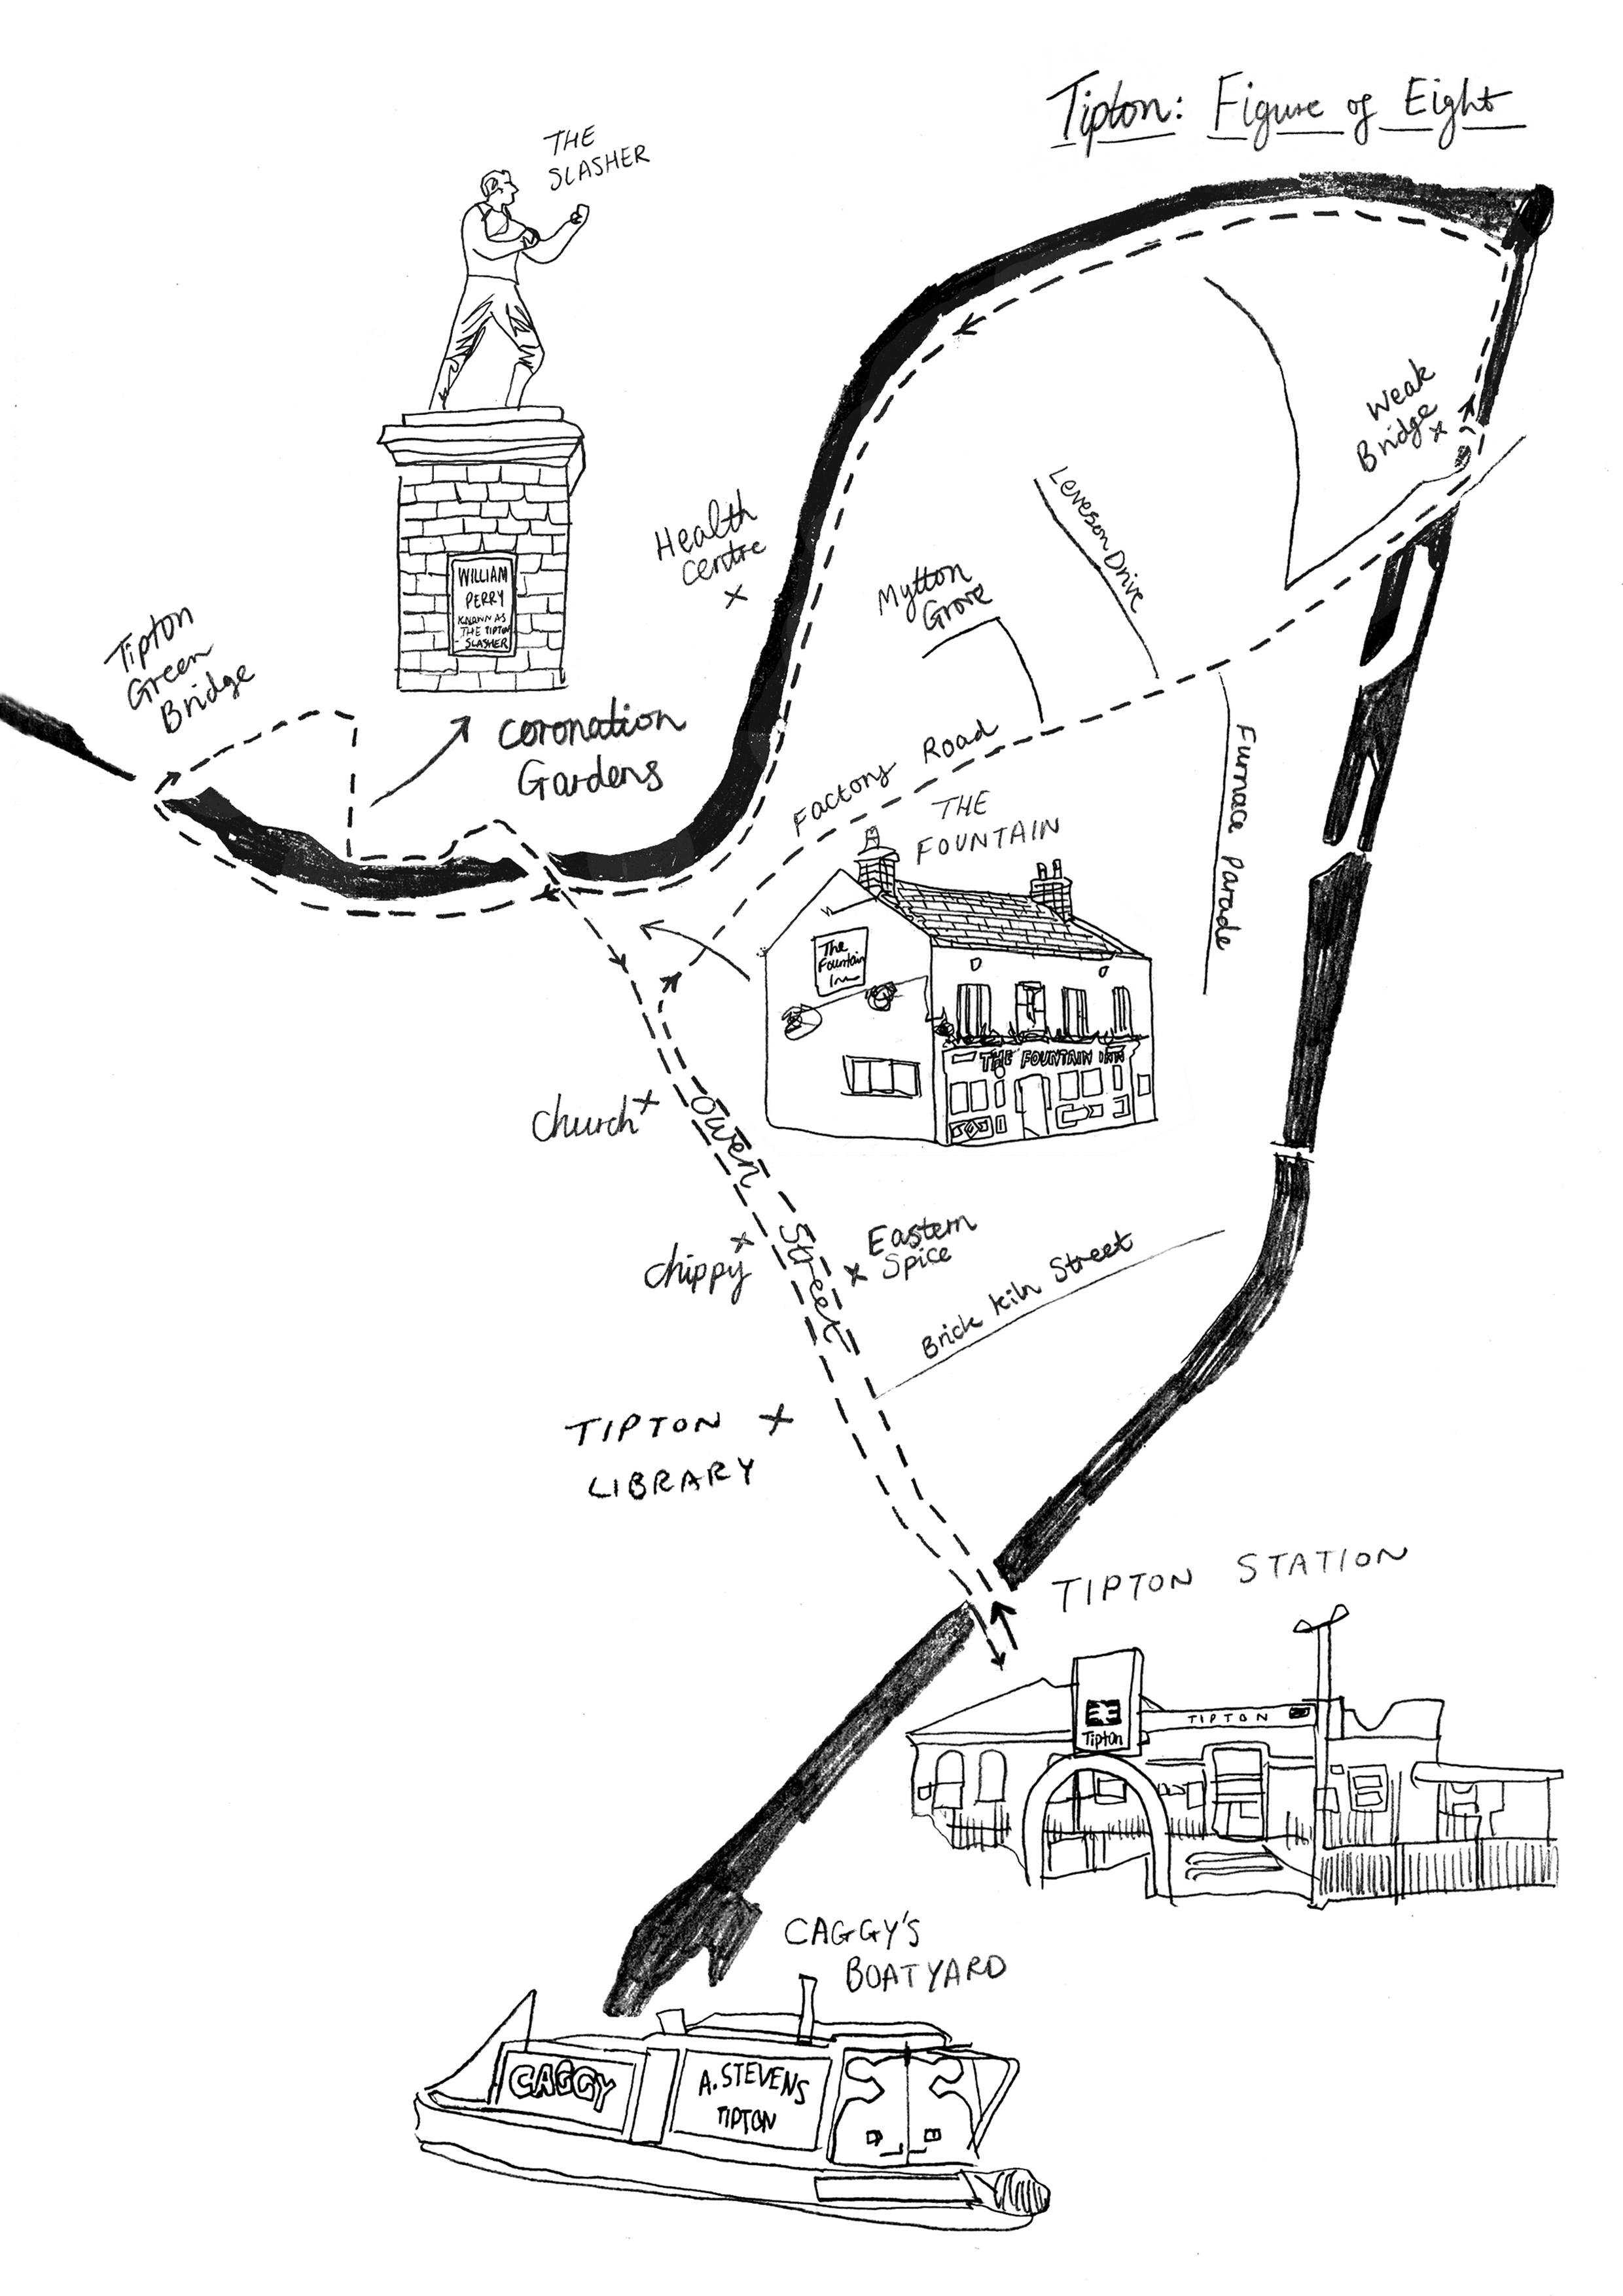 Figure of Eight Map v2.jpg